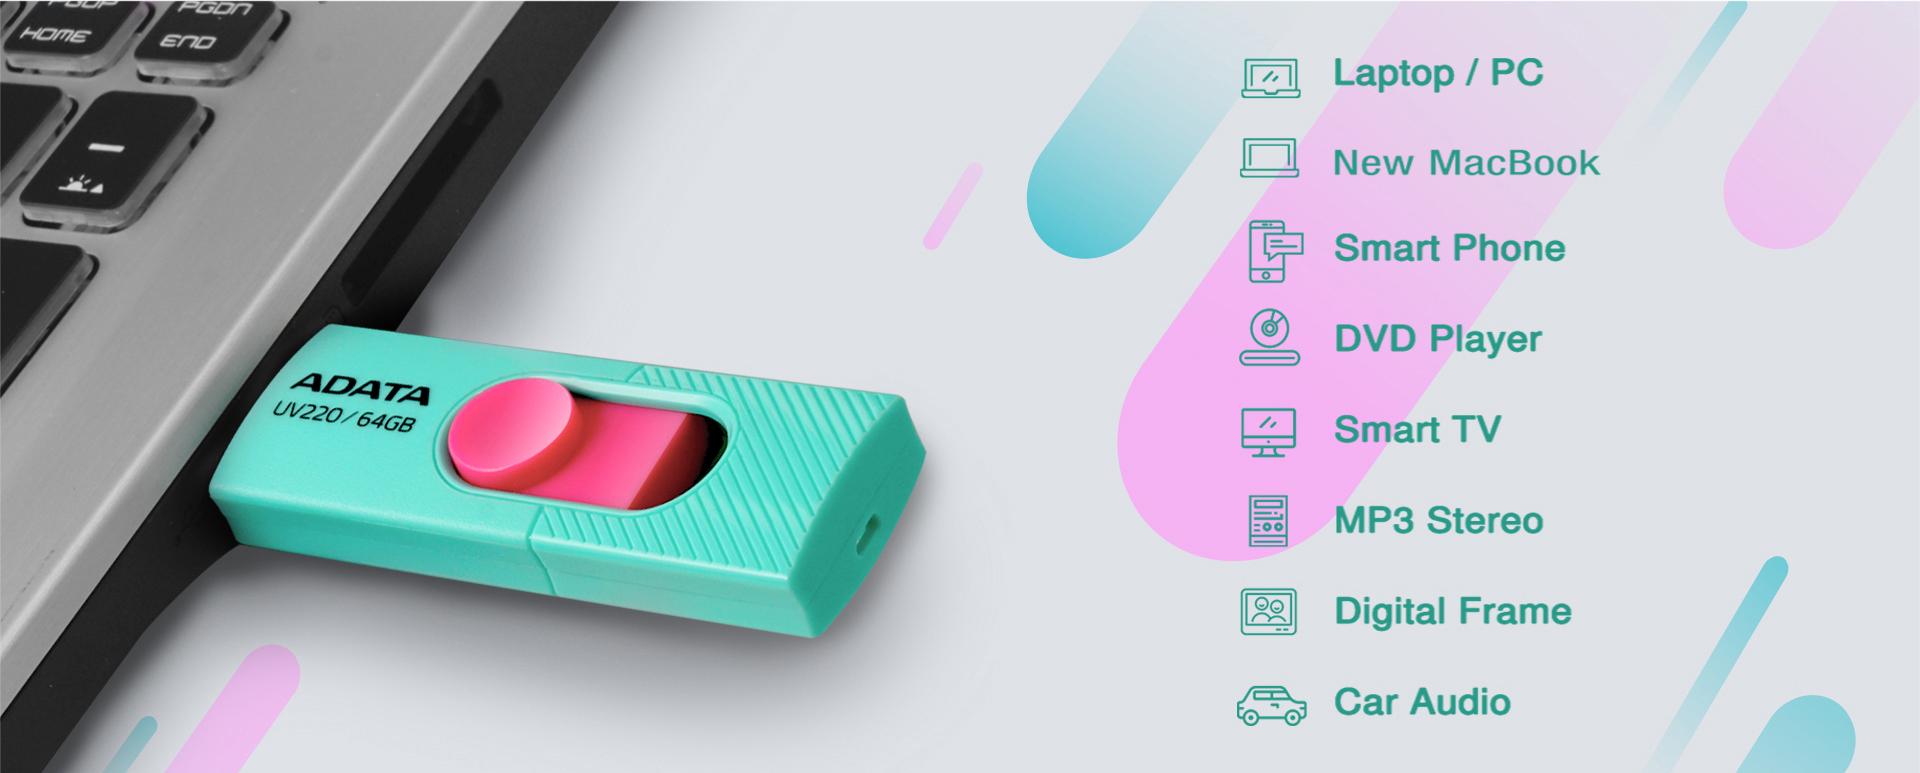 فلش مموری کاربردی USB 2.0 UV220 ایدیتا